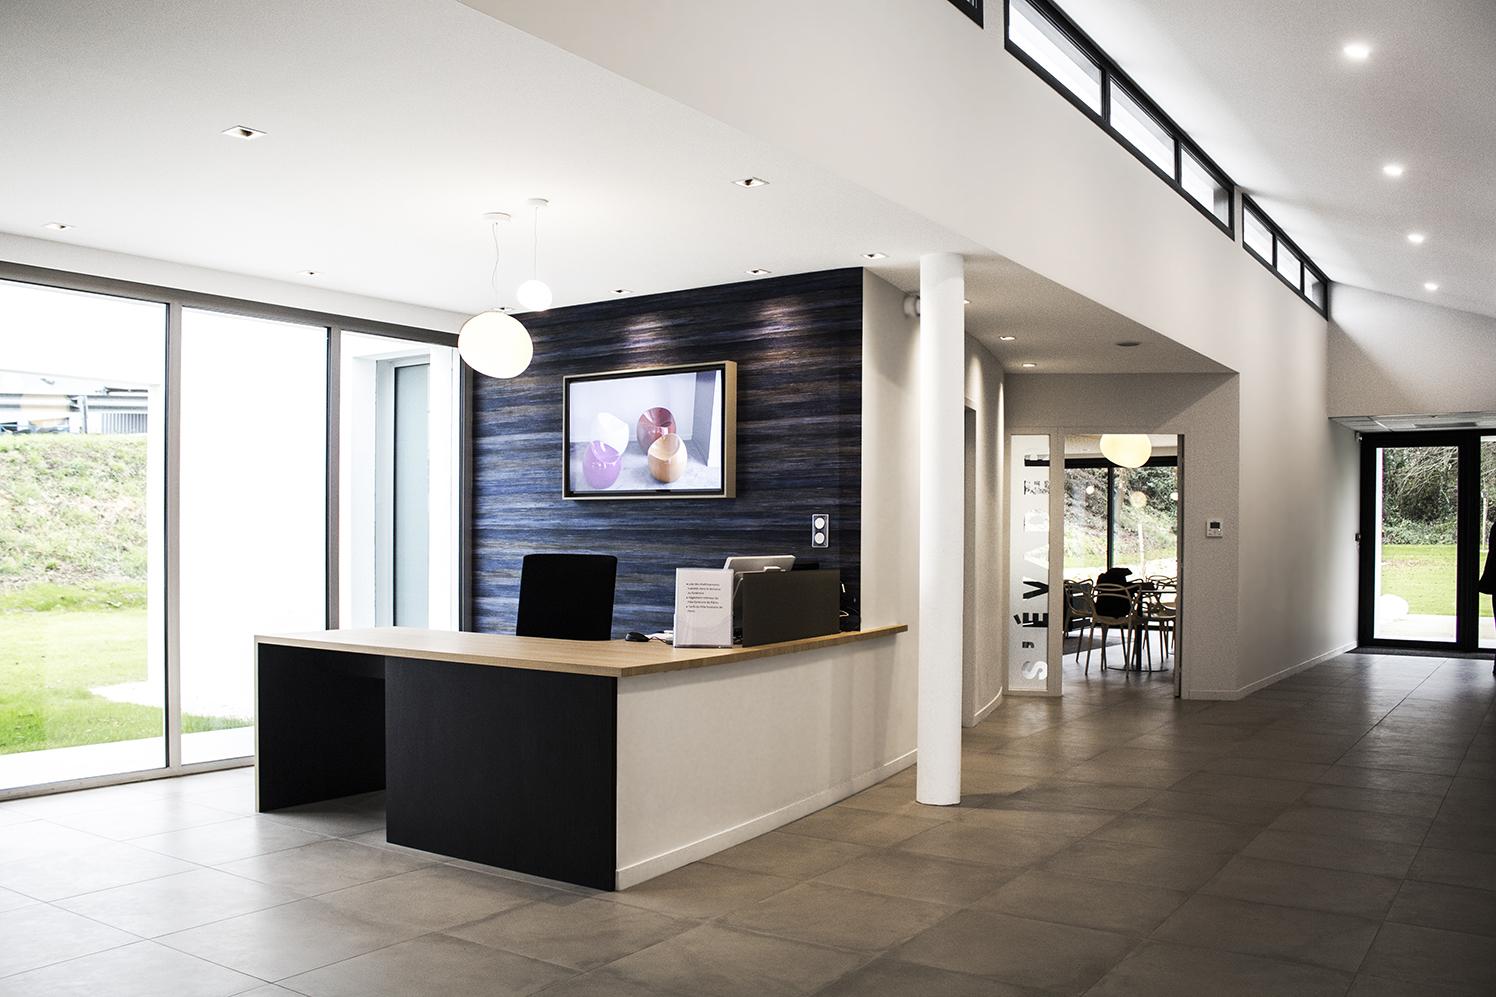 PLÉRIN - Pompes Funèbres des communes associées - En collaboration avec l'agence Bucaille & Wiener (gros oeuvre) - SURFACE : 380 m2 - Maître d'ouvrage : Professionnel